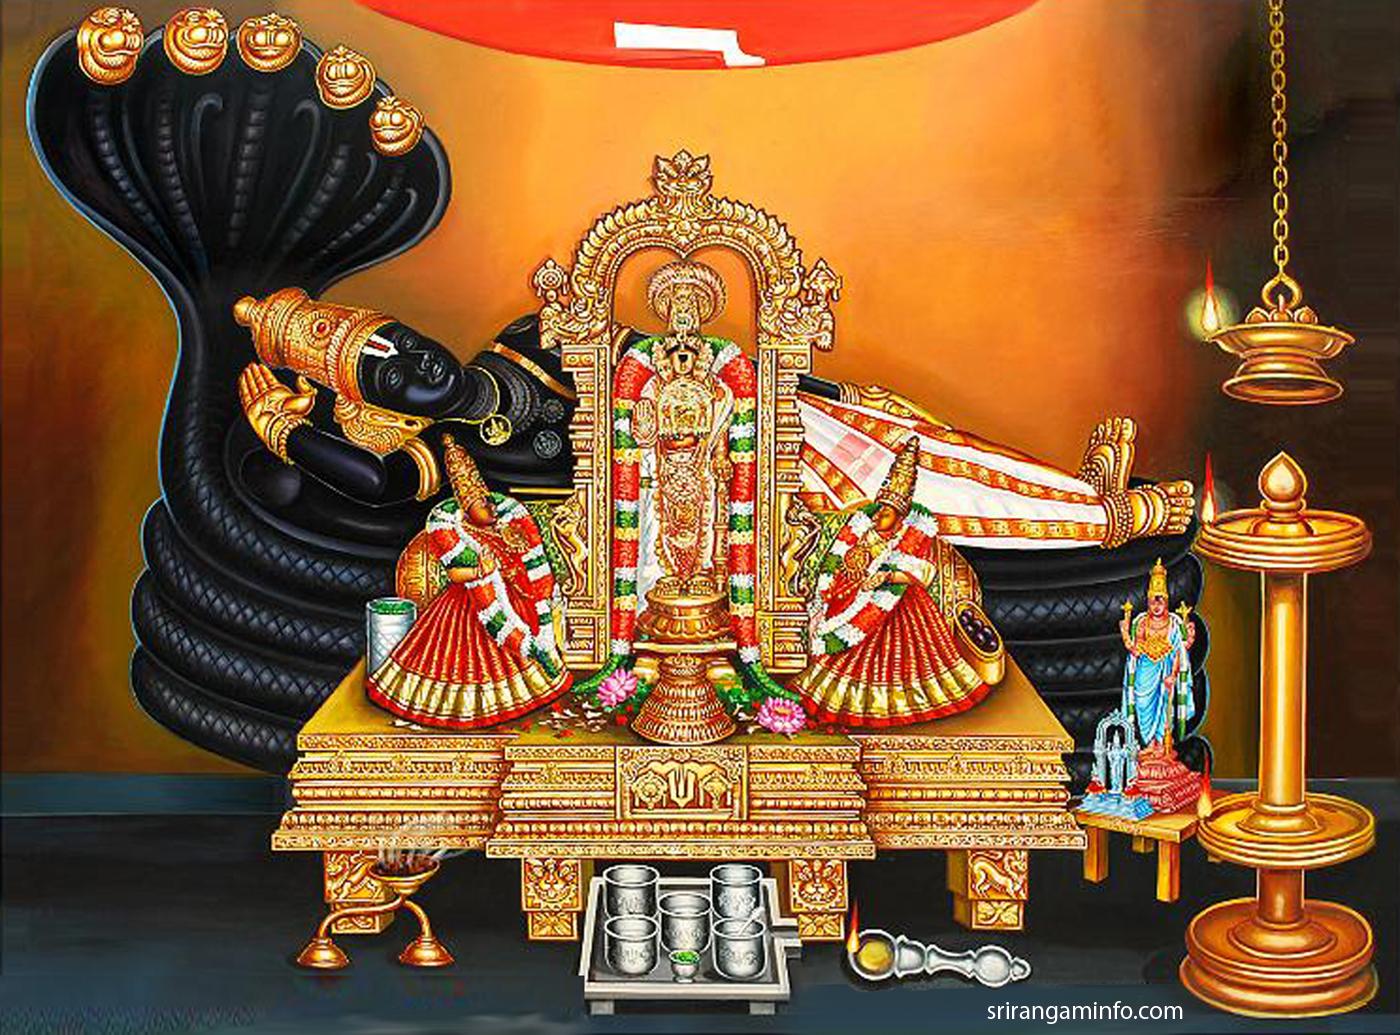 శ్రీ రంగనాథ క్షేత్రాలు - 4 ఆధ్యాత్మికం, శ్రీరామభట్ల ఆదిత్య